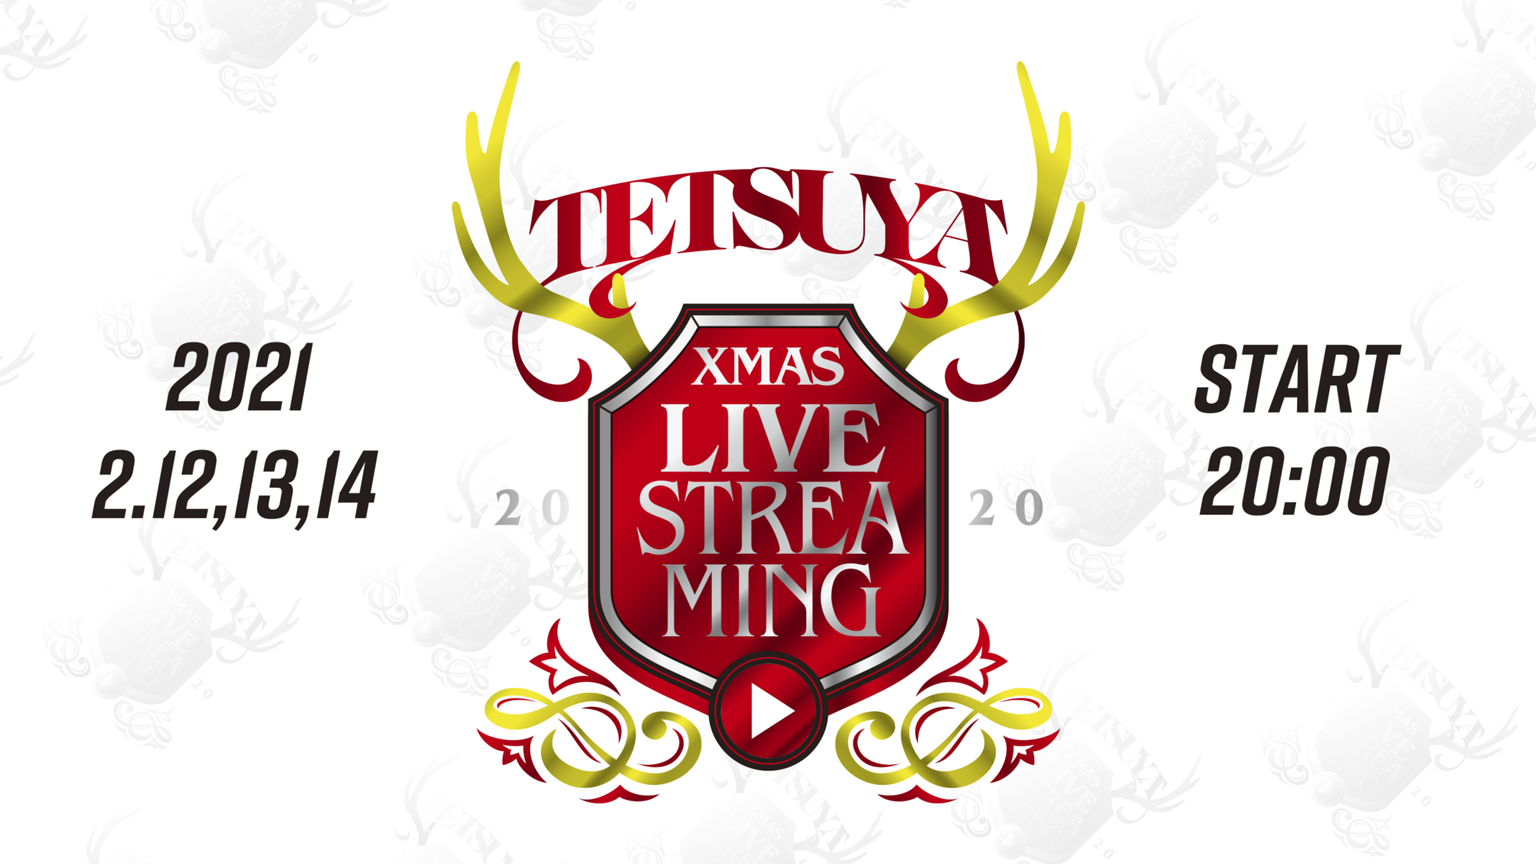 TETSUYA XmasLIVESTREAMING2020